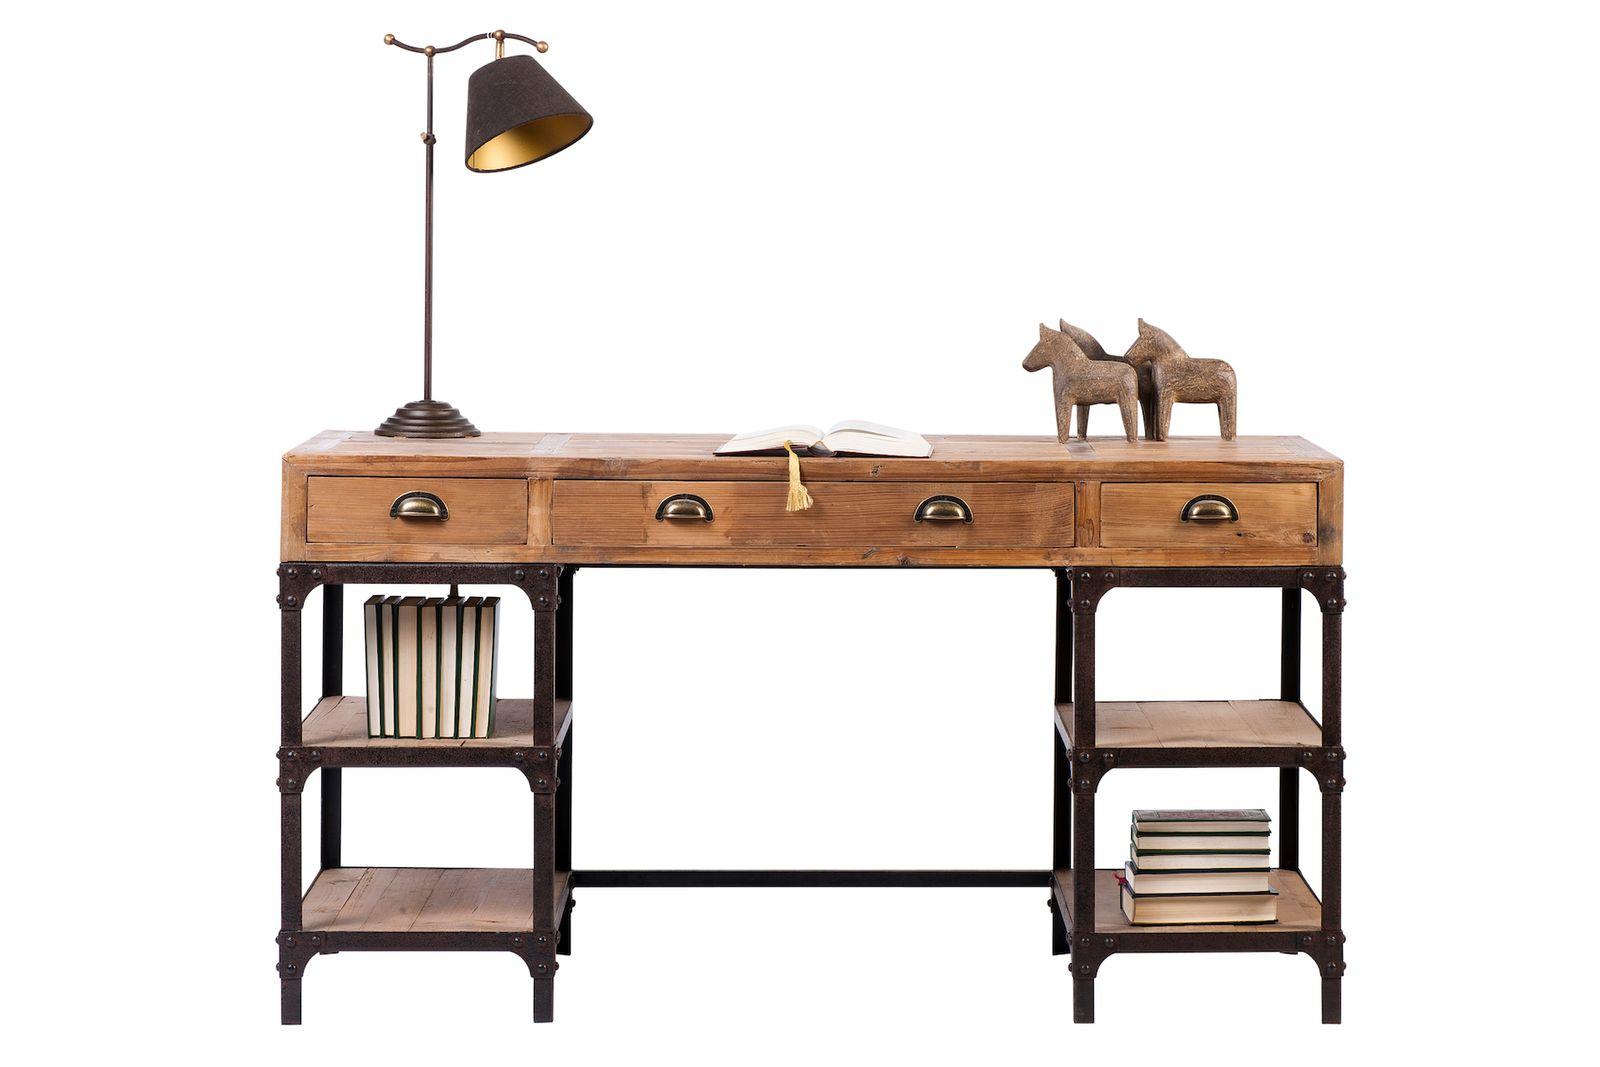 Schreibtisch vintage  Schreibtisch Vintage massiv | Manufaktur Ledersofas & besondere  Designermöbel von DeWall